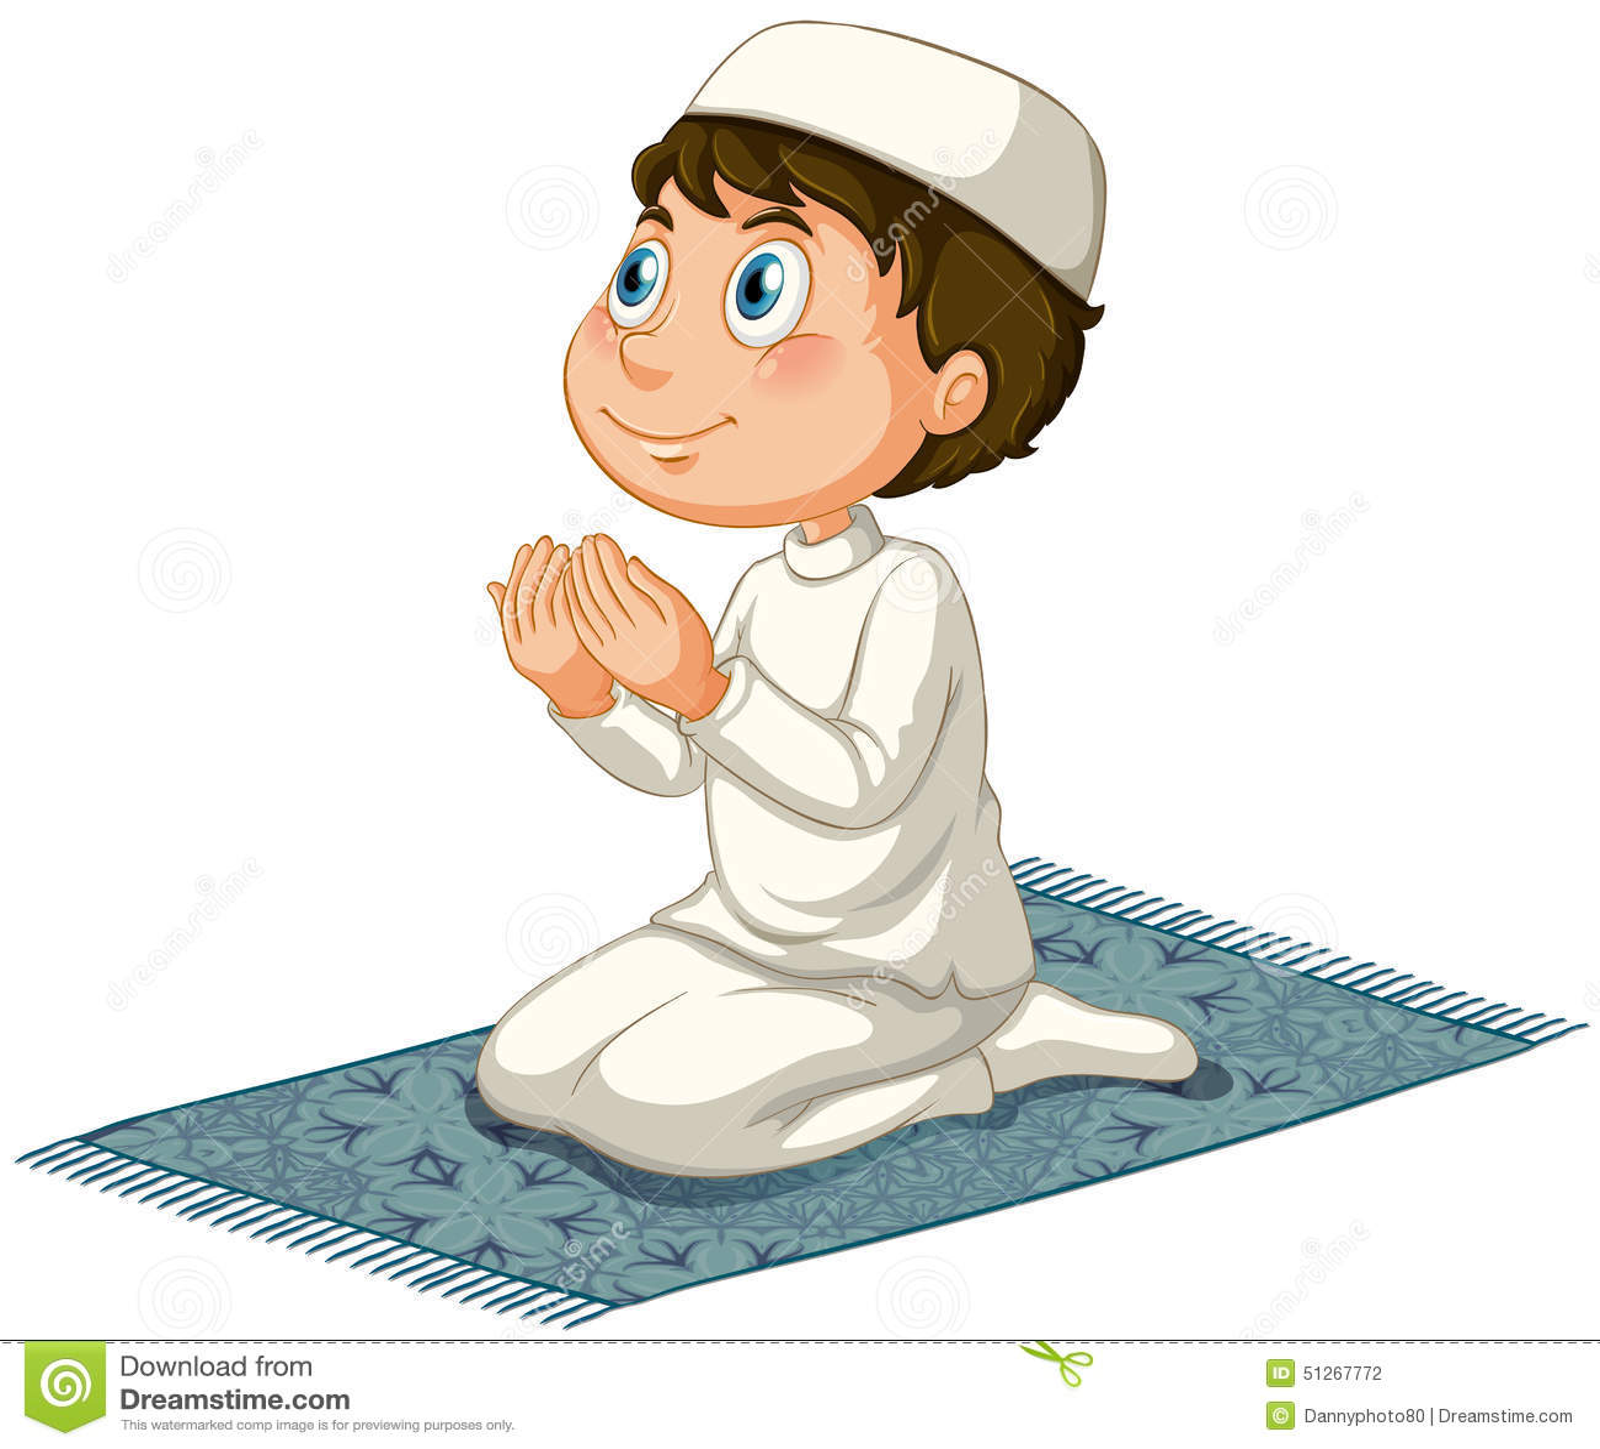 穆斯林祈祷手势分享展示图片